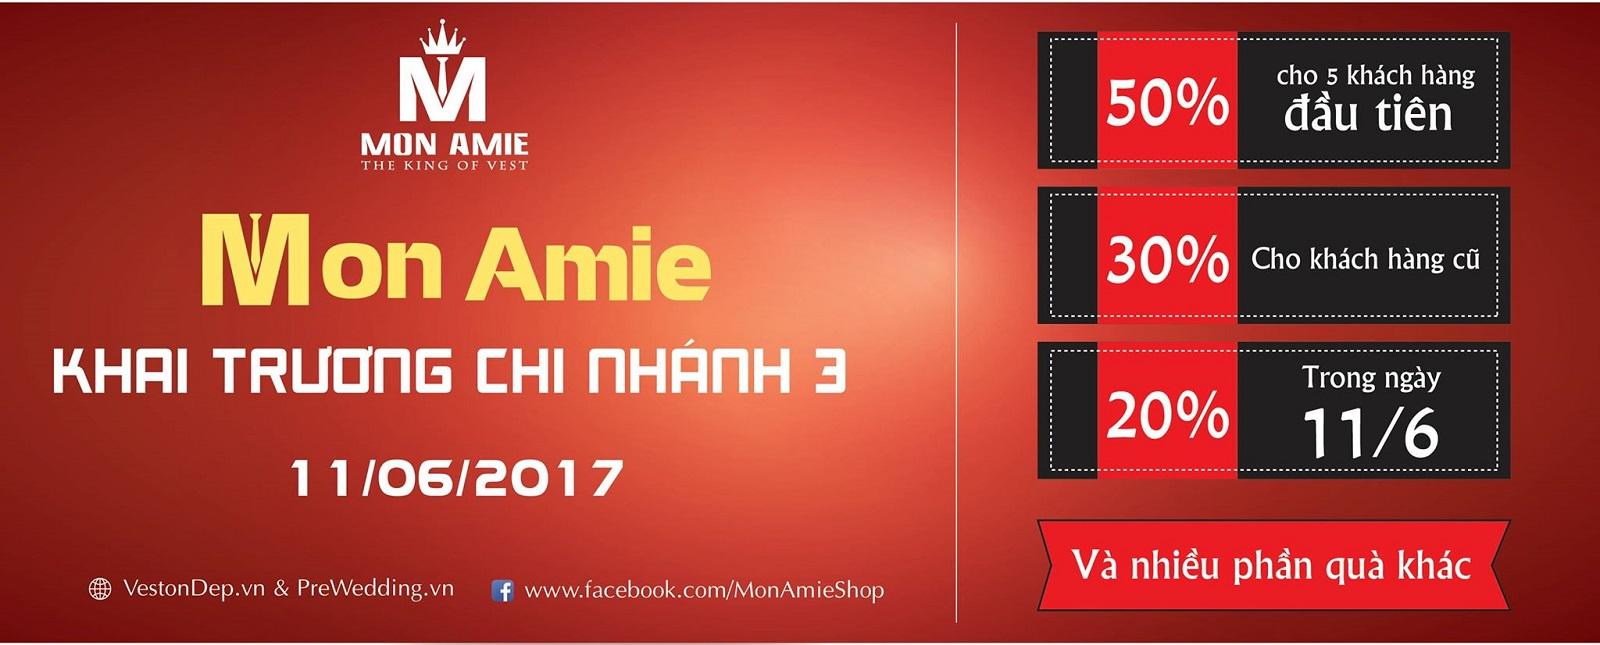 Mon Amie khai trương chi nhánh mới